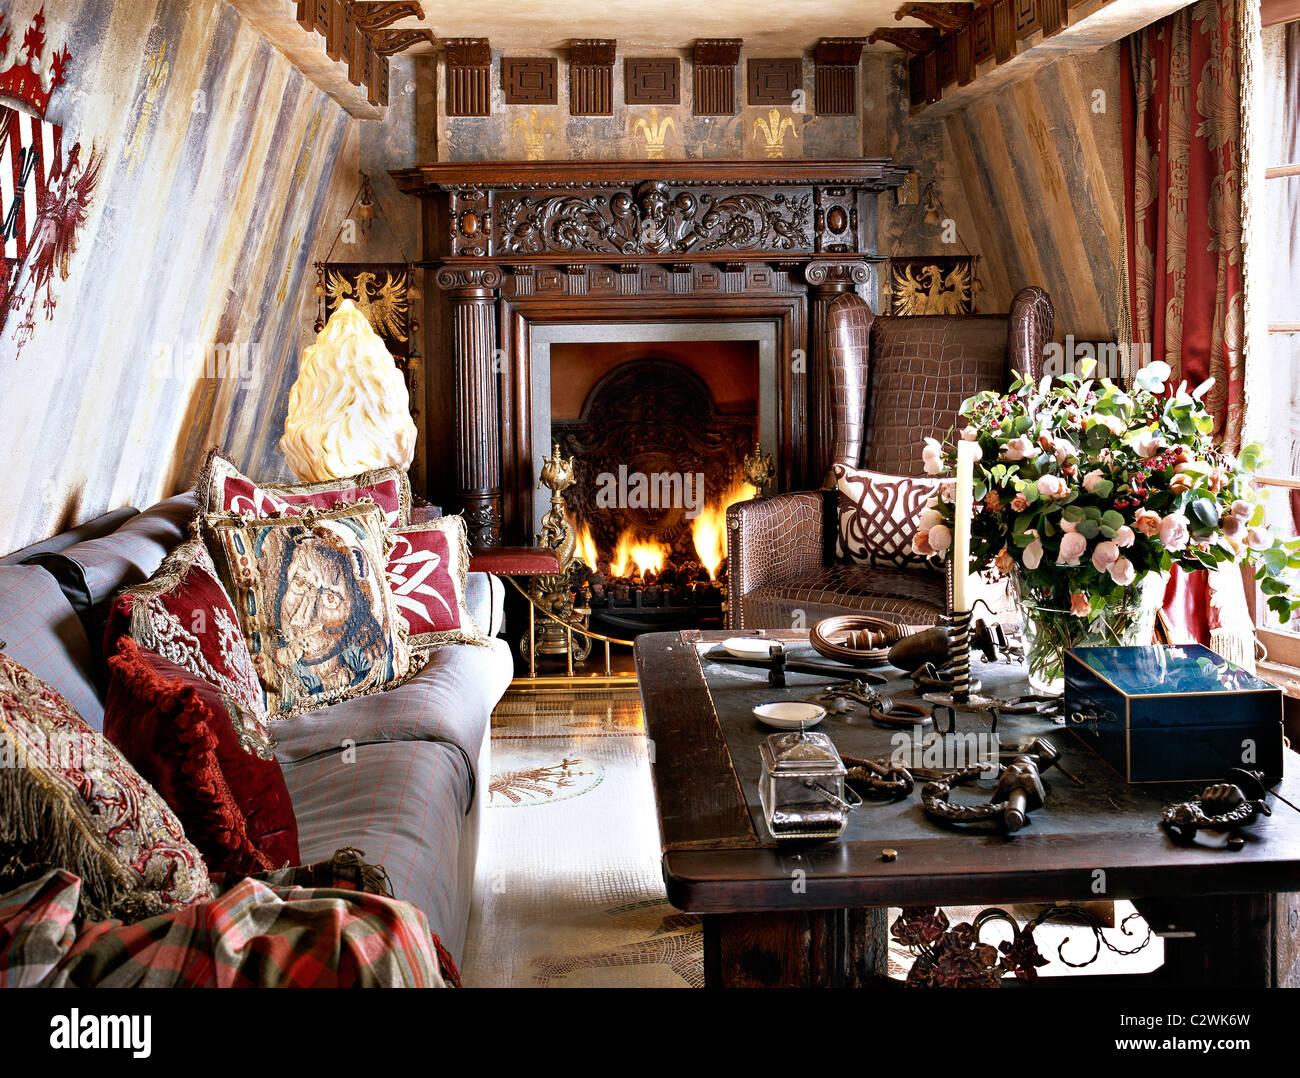 Gotischen Stil Wohnzimmer mittelalterliche Romantik Stockfoto, Bild ...